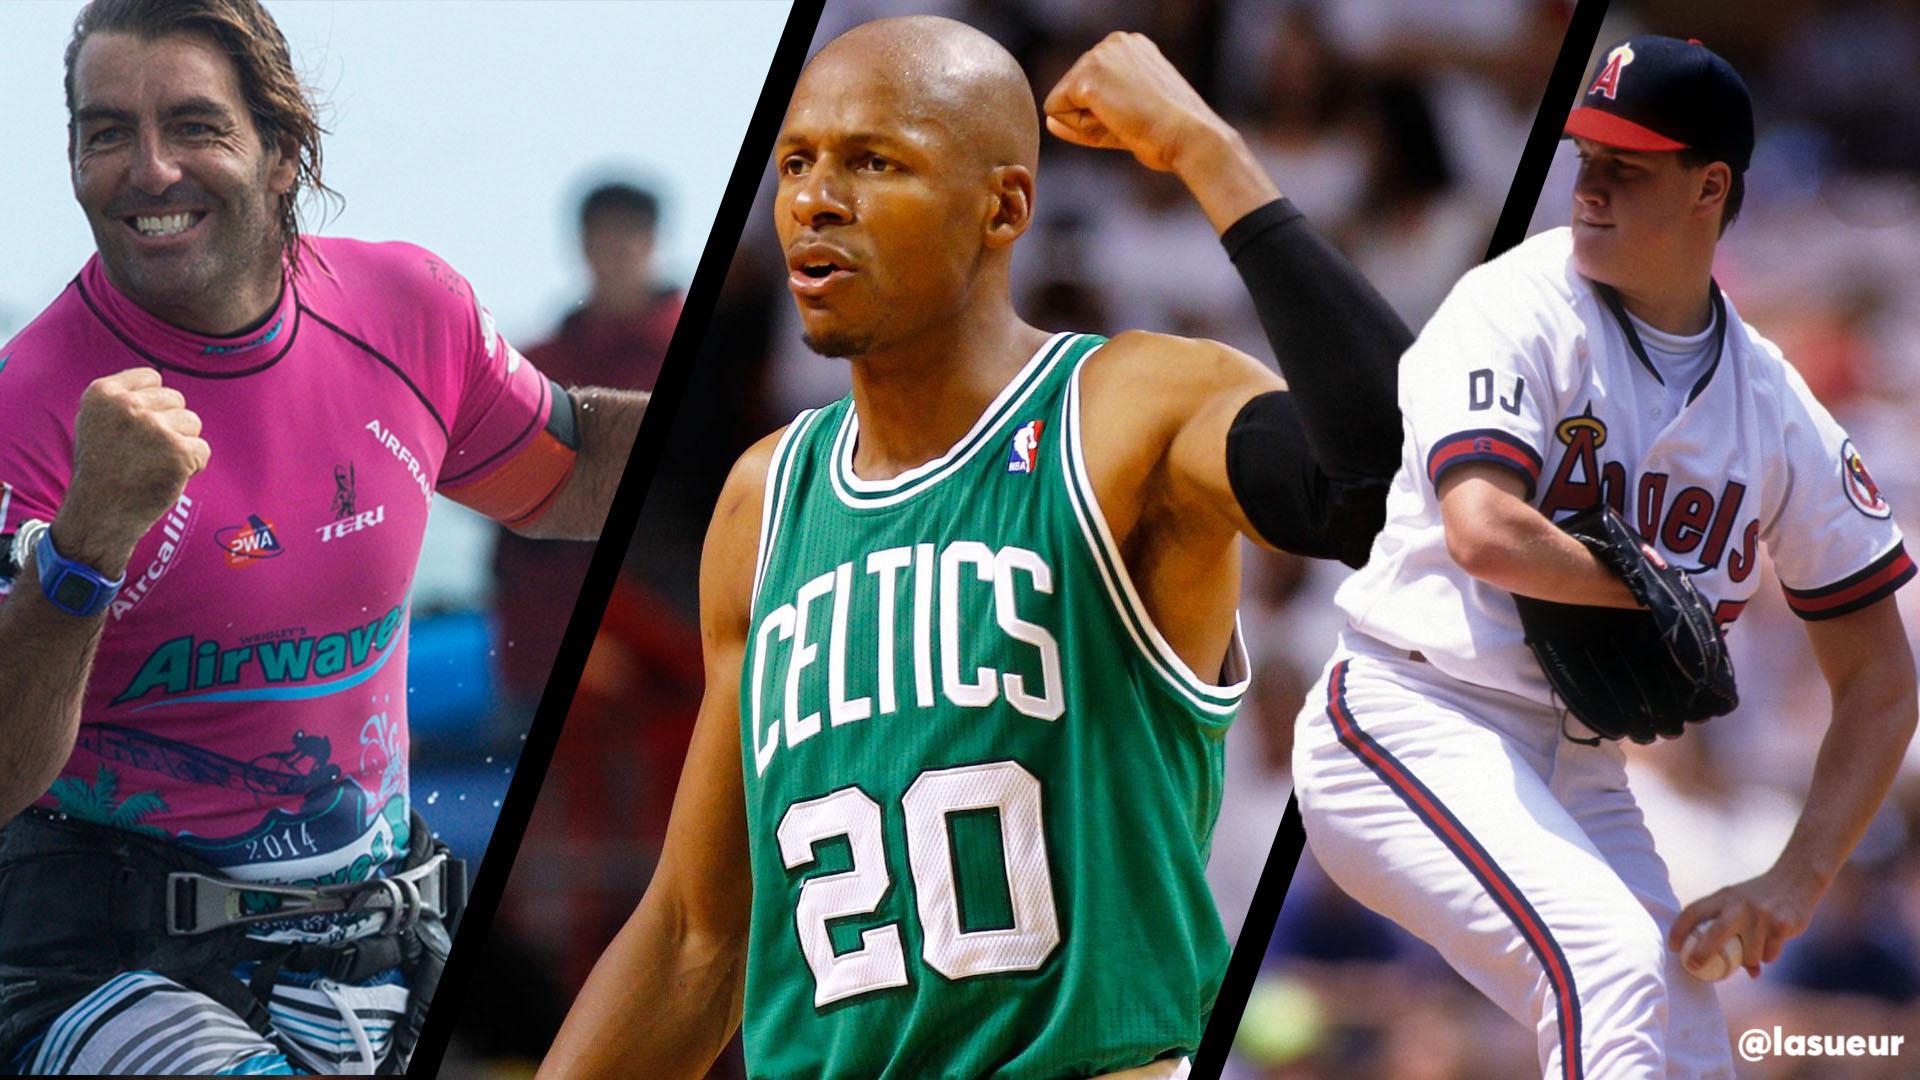 11 infos sportives indispensables pour briller en société